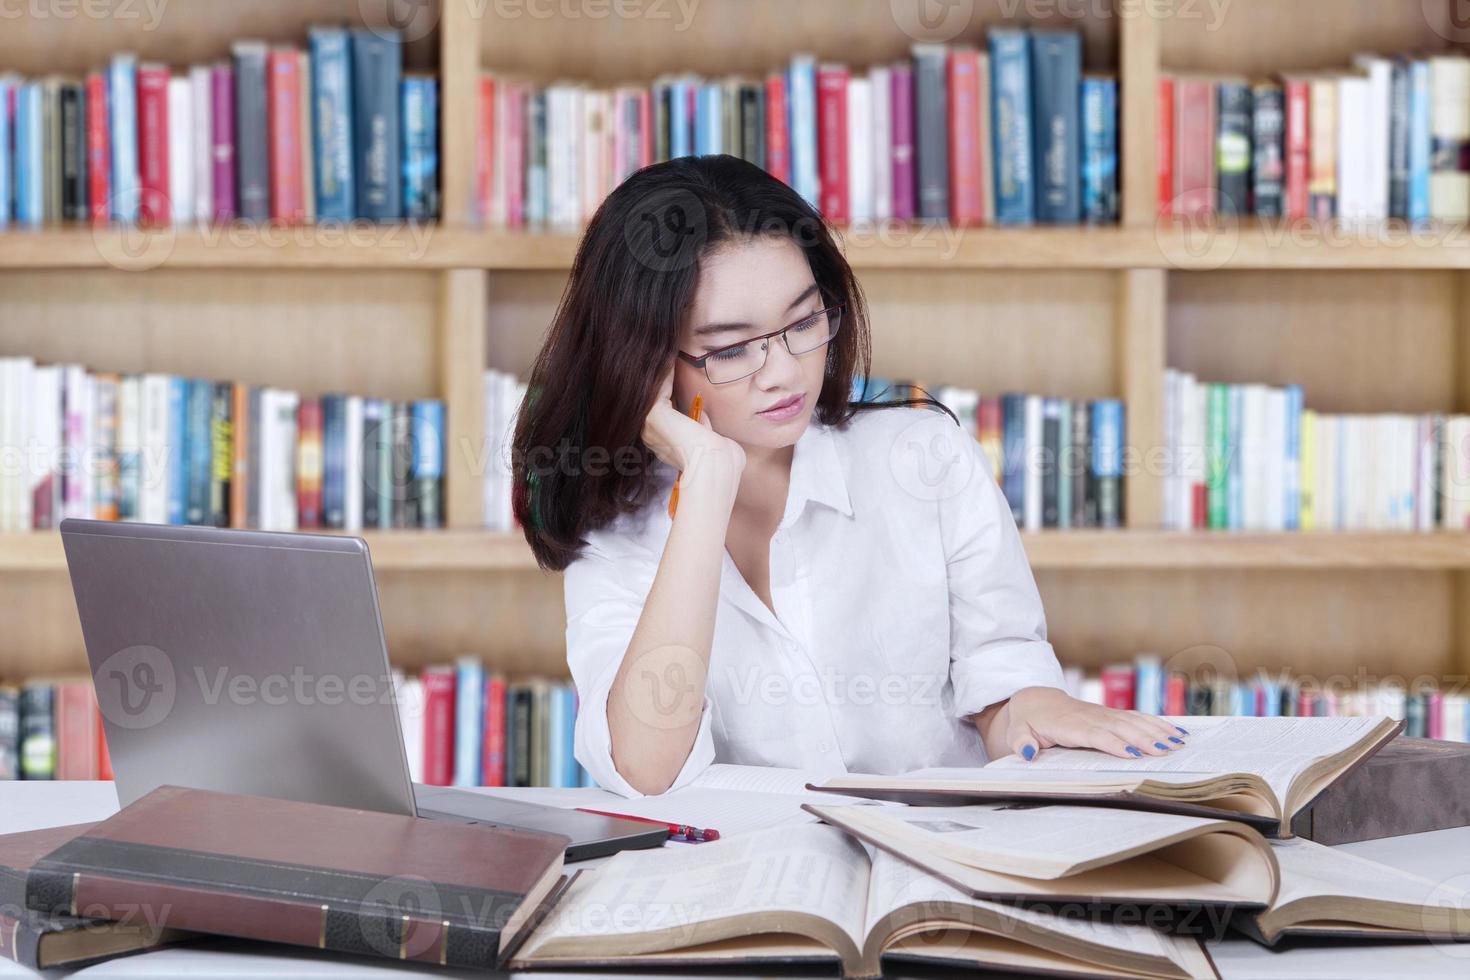 estudiante sentado en la biblioteca mientras lee libros foto